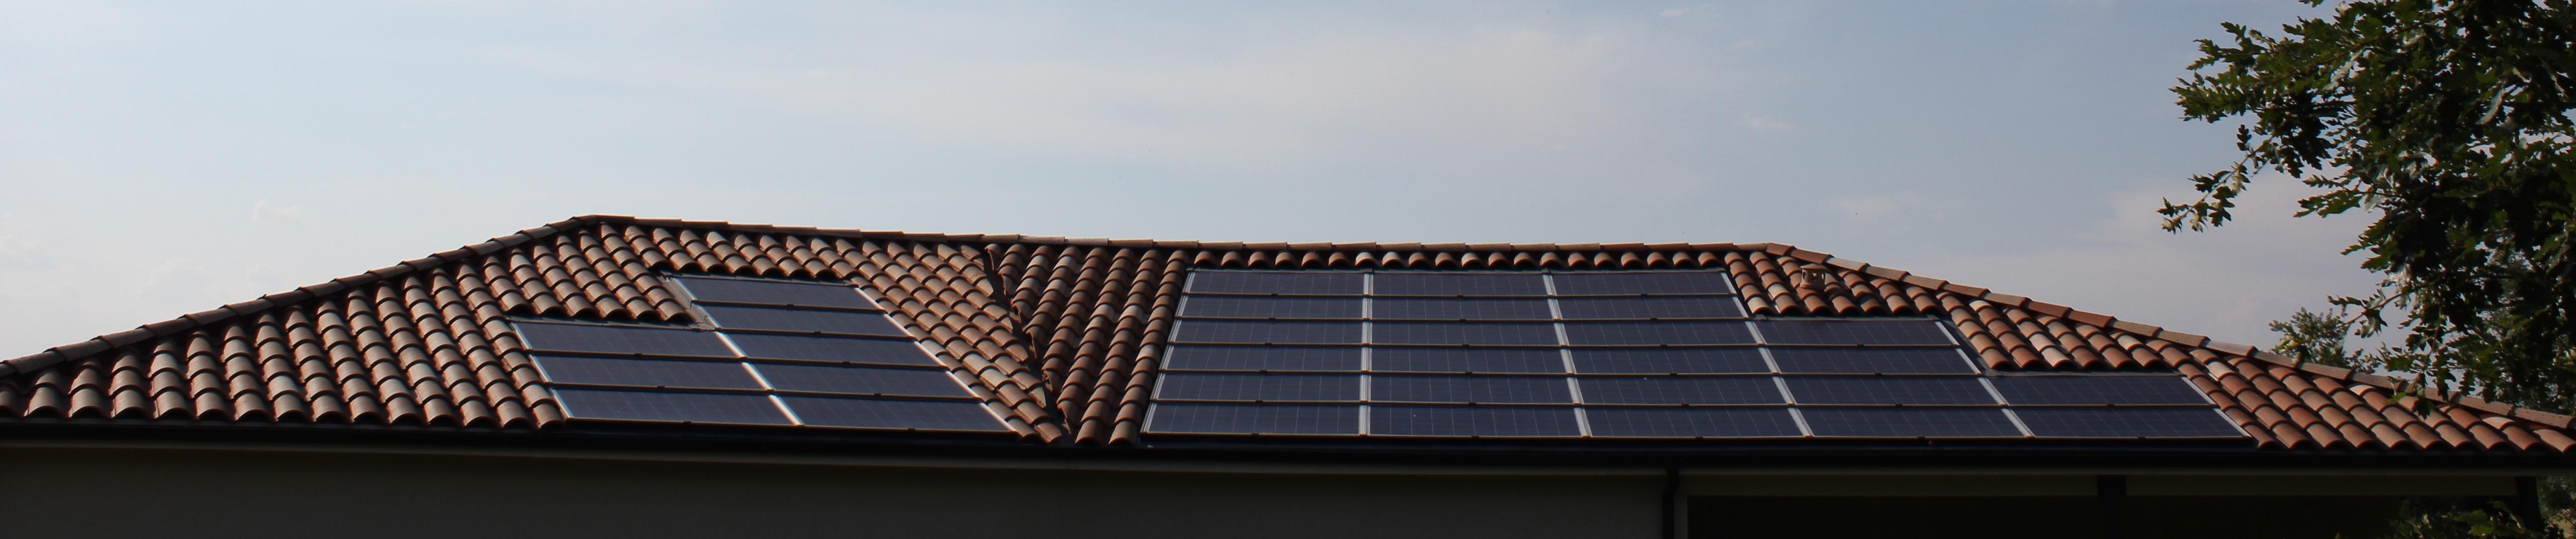 faut il investir dans le photovolta que optimiser son budget. Black Bedroom Furniture Sets. Home Design Ideas